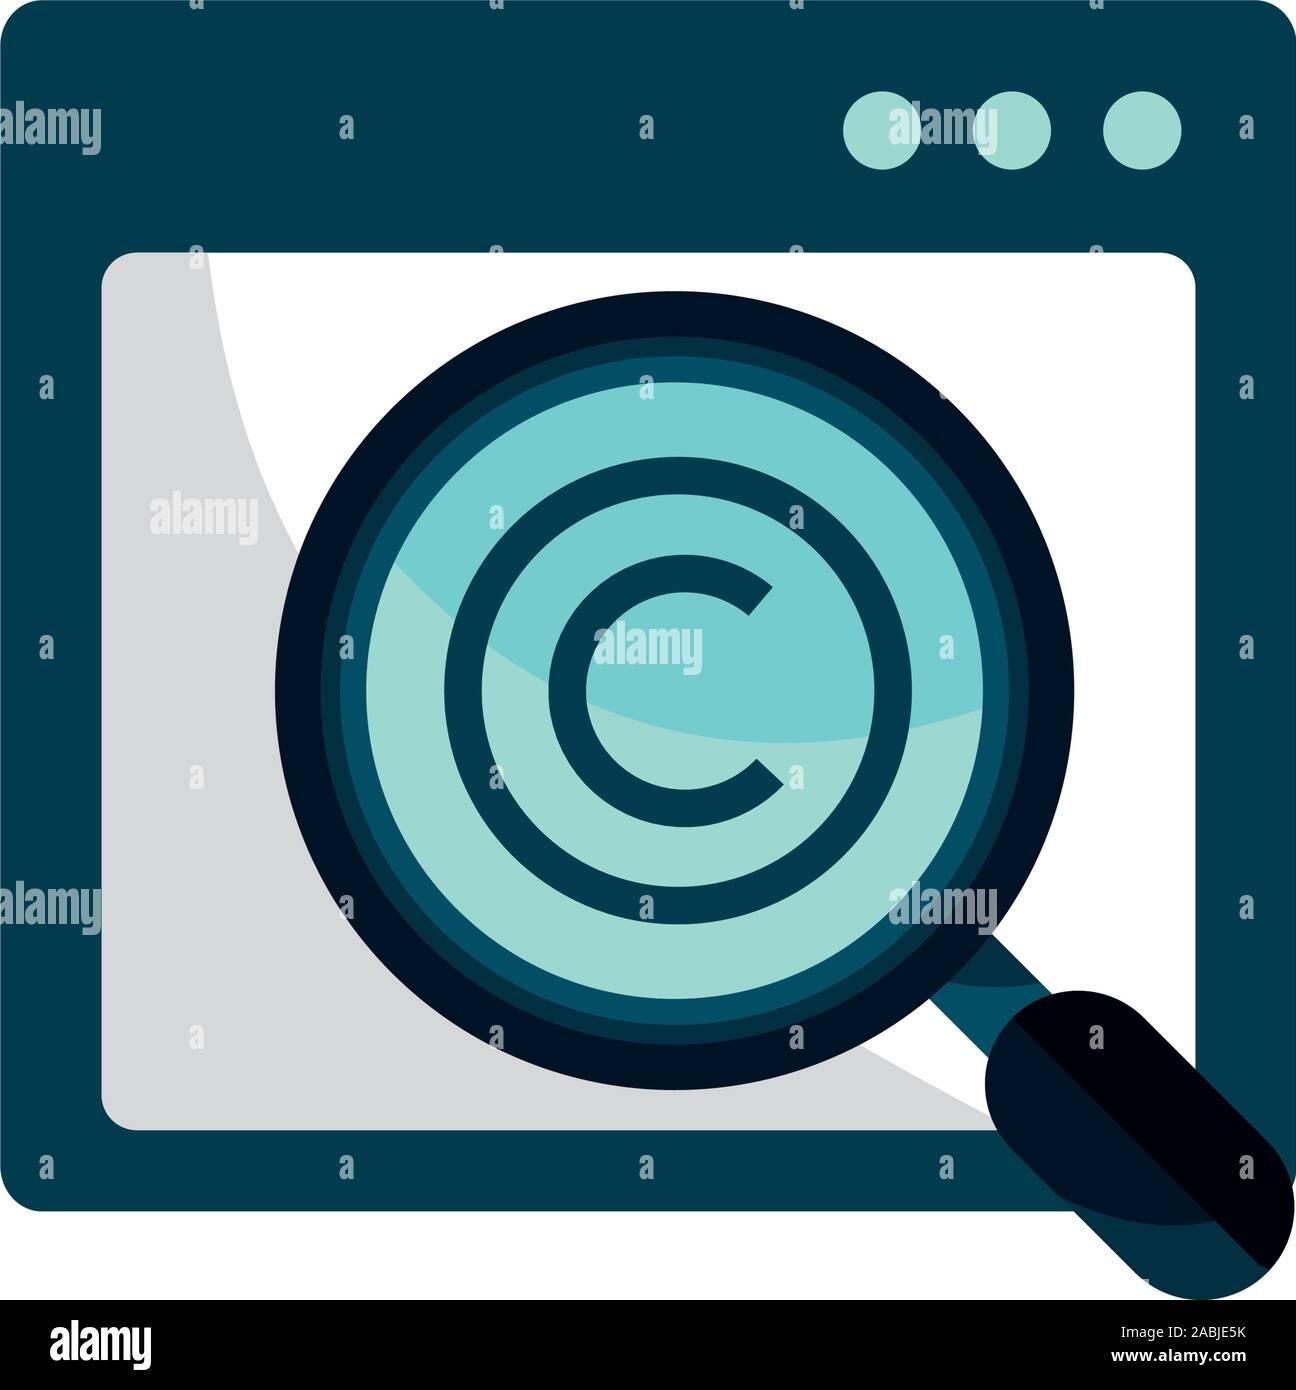 Análisis del sitio de propiedad intelectual copyright icono ilustración vectorial Ilustración del Vector